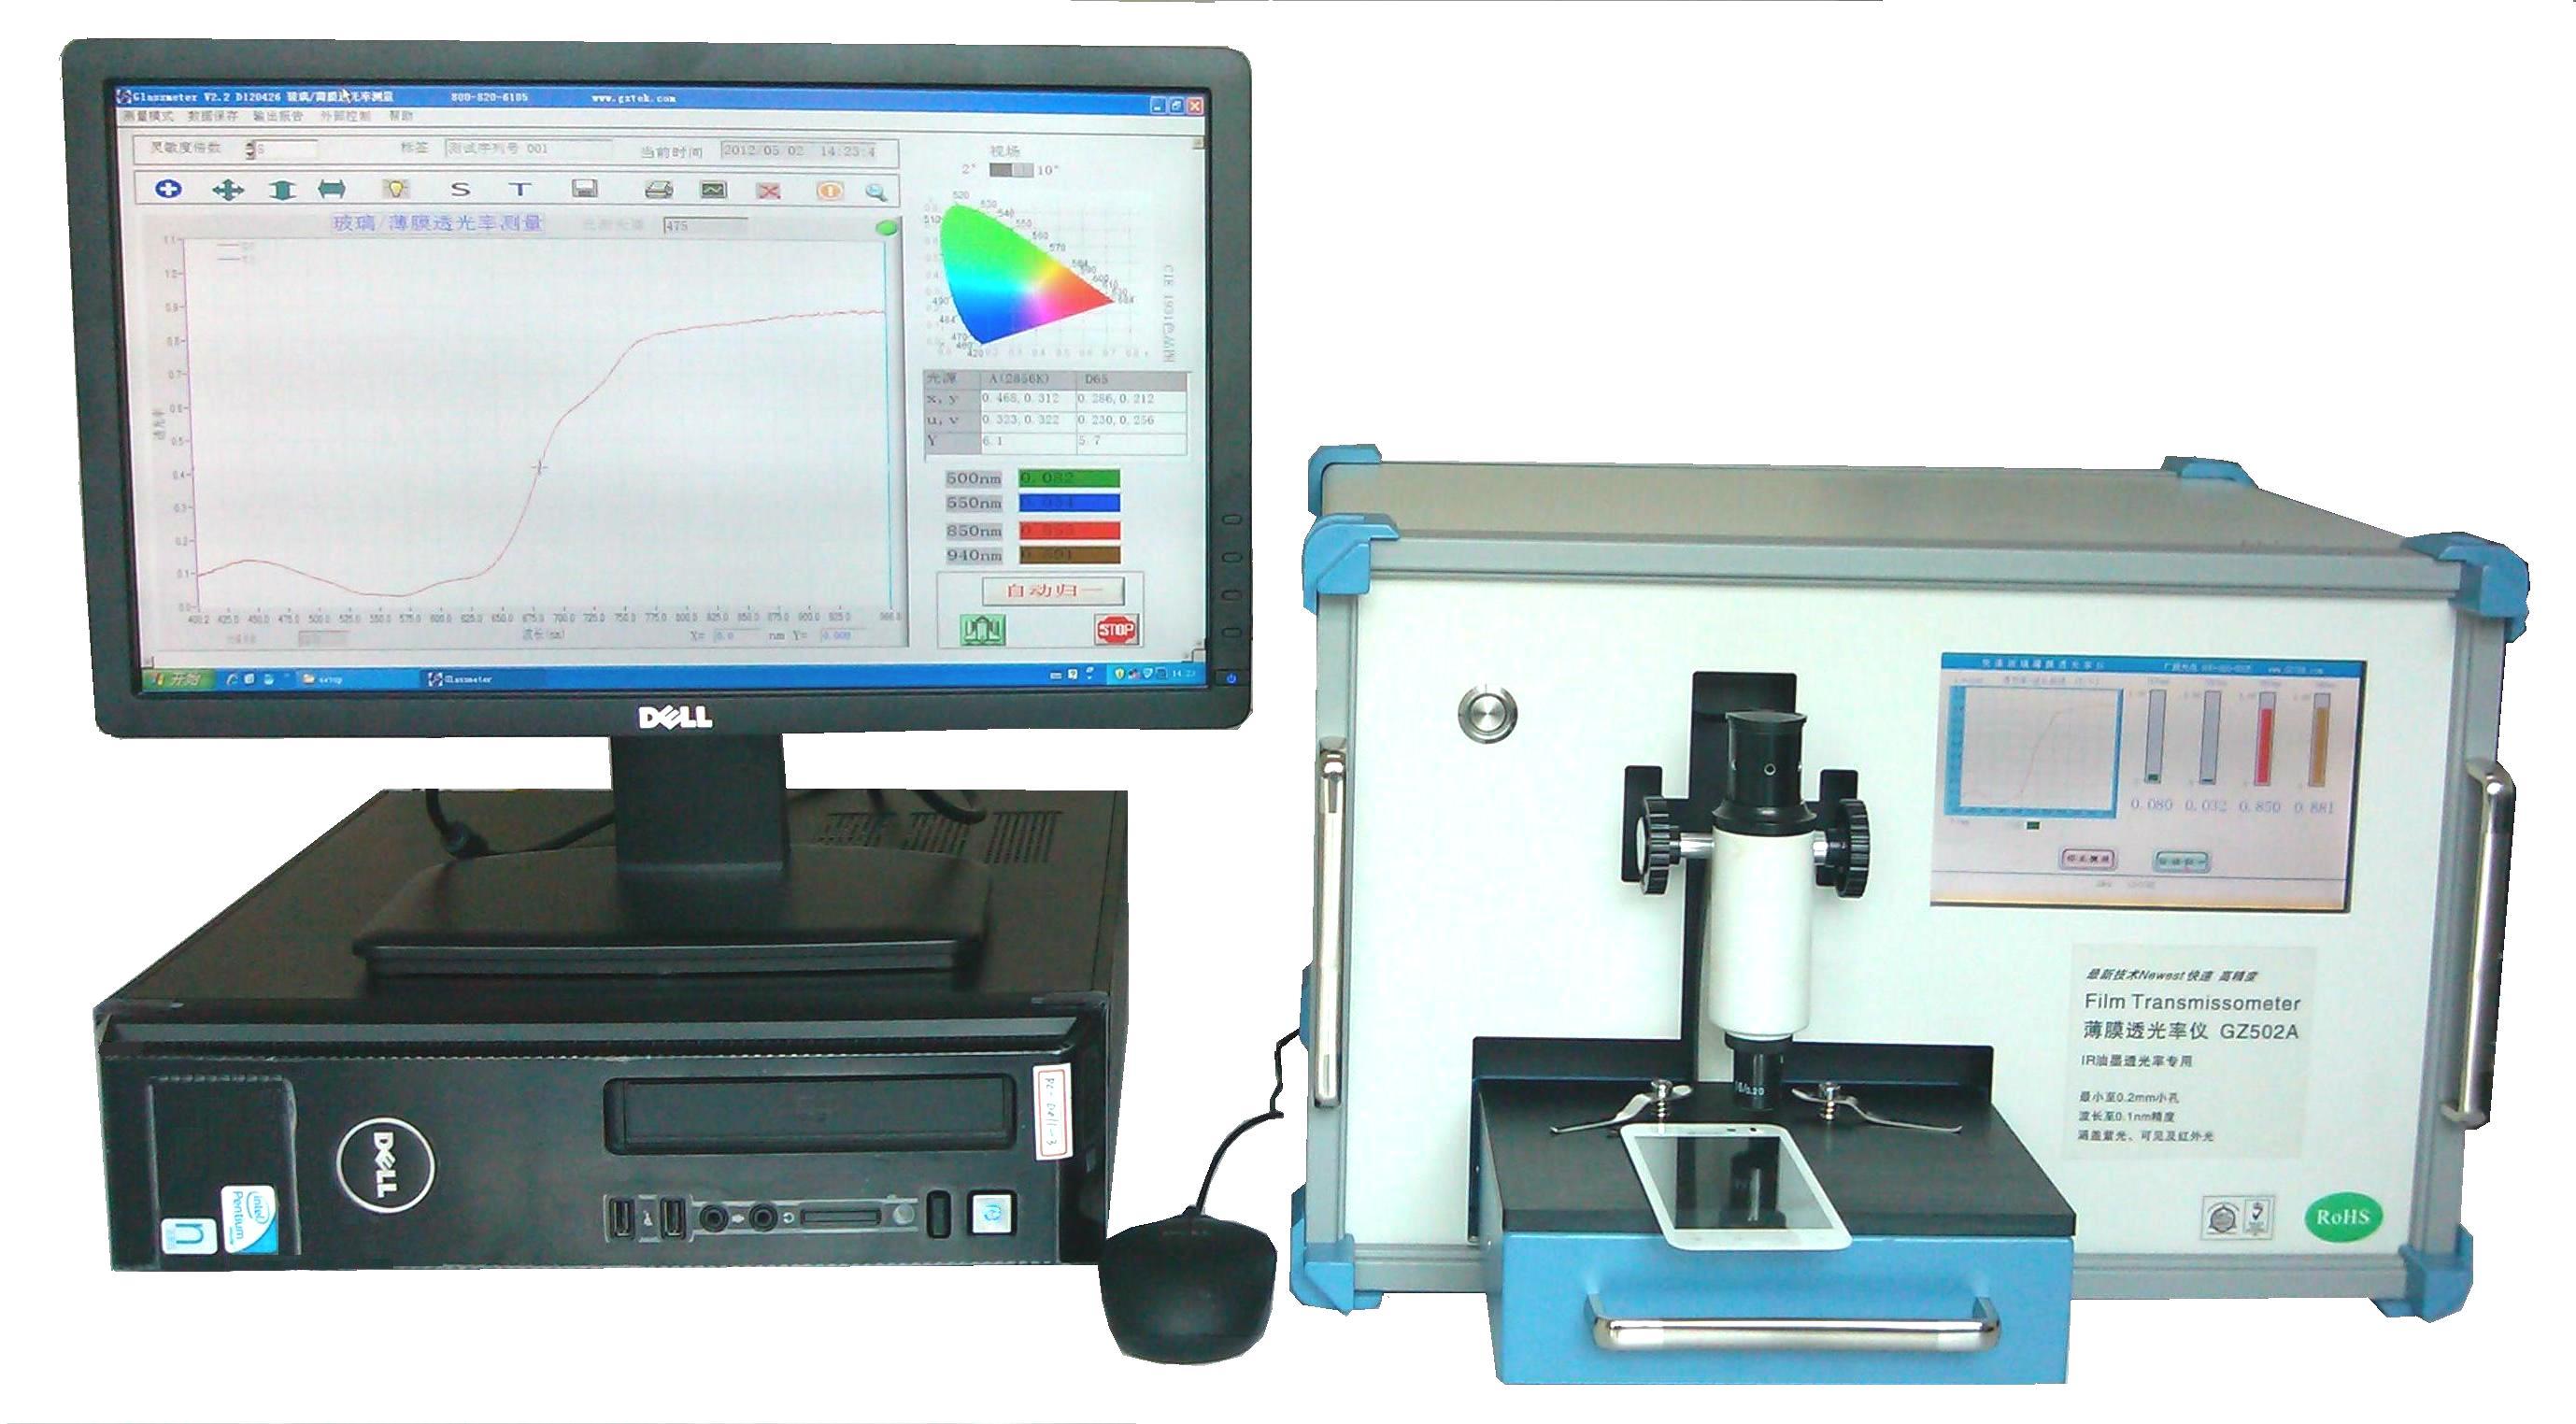 积分型透光率仪SDR4010B技术参数